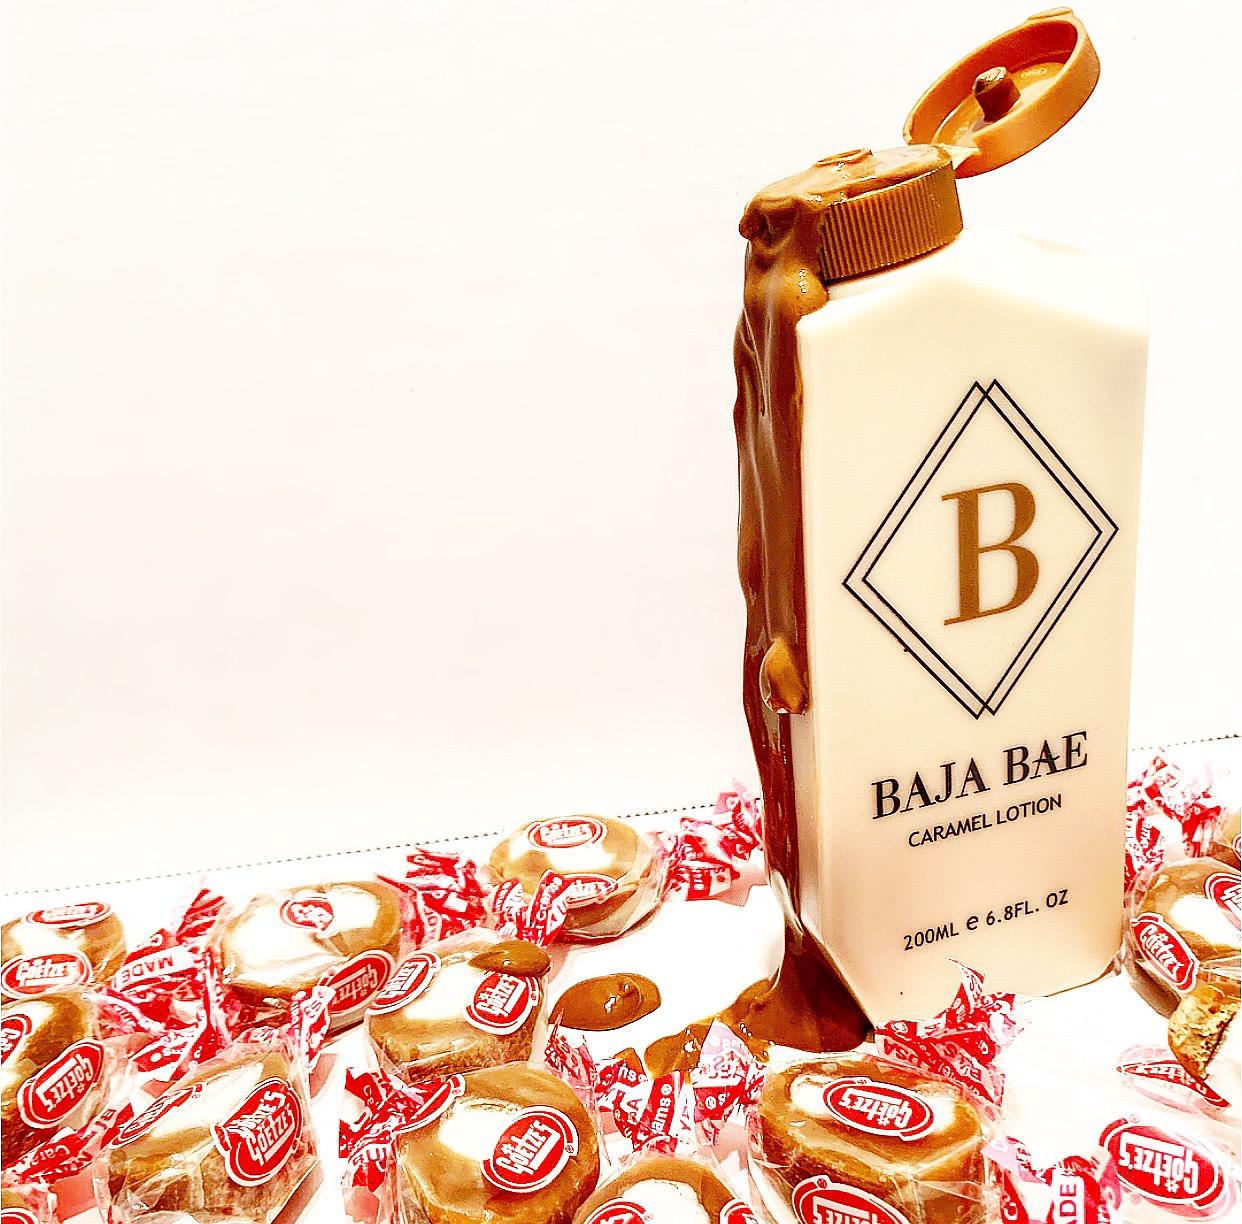 Baja Bae Caramel Lotion